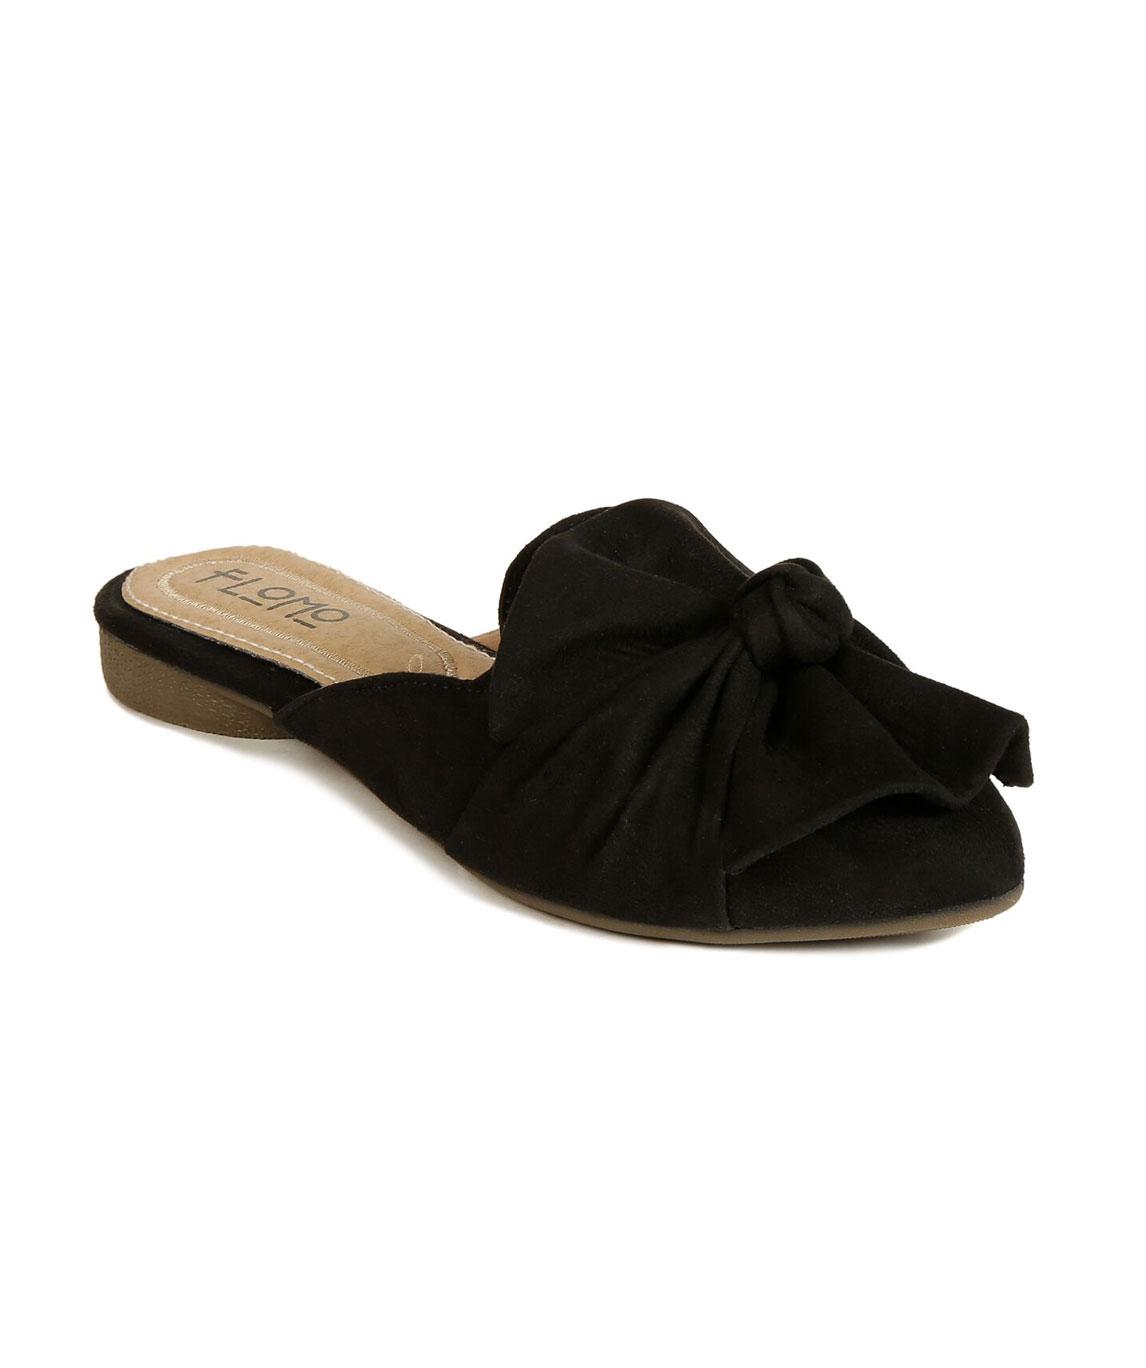 Flomo Women`s Black Resin Casual Mules